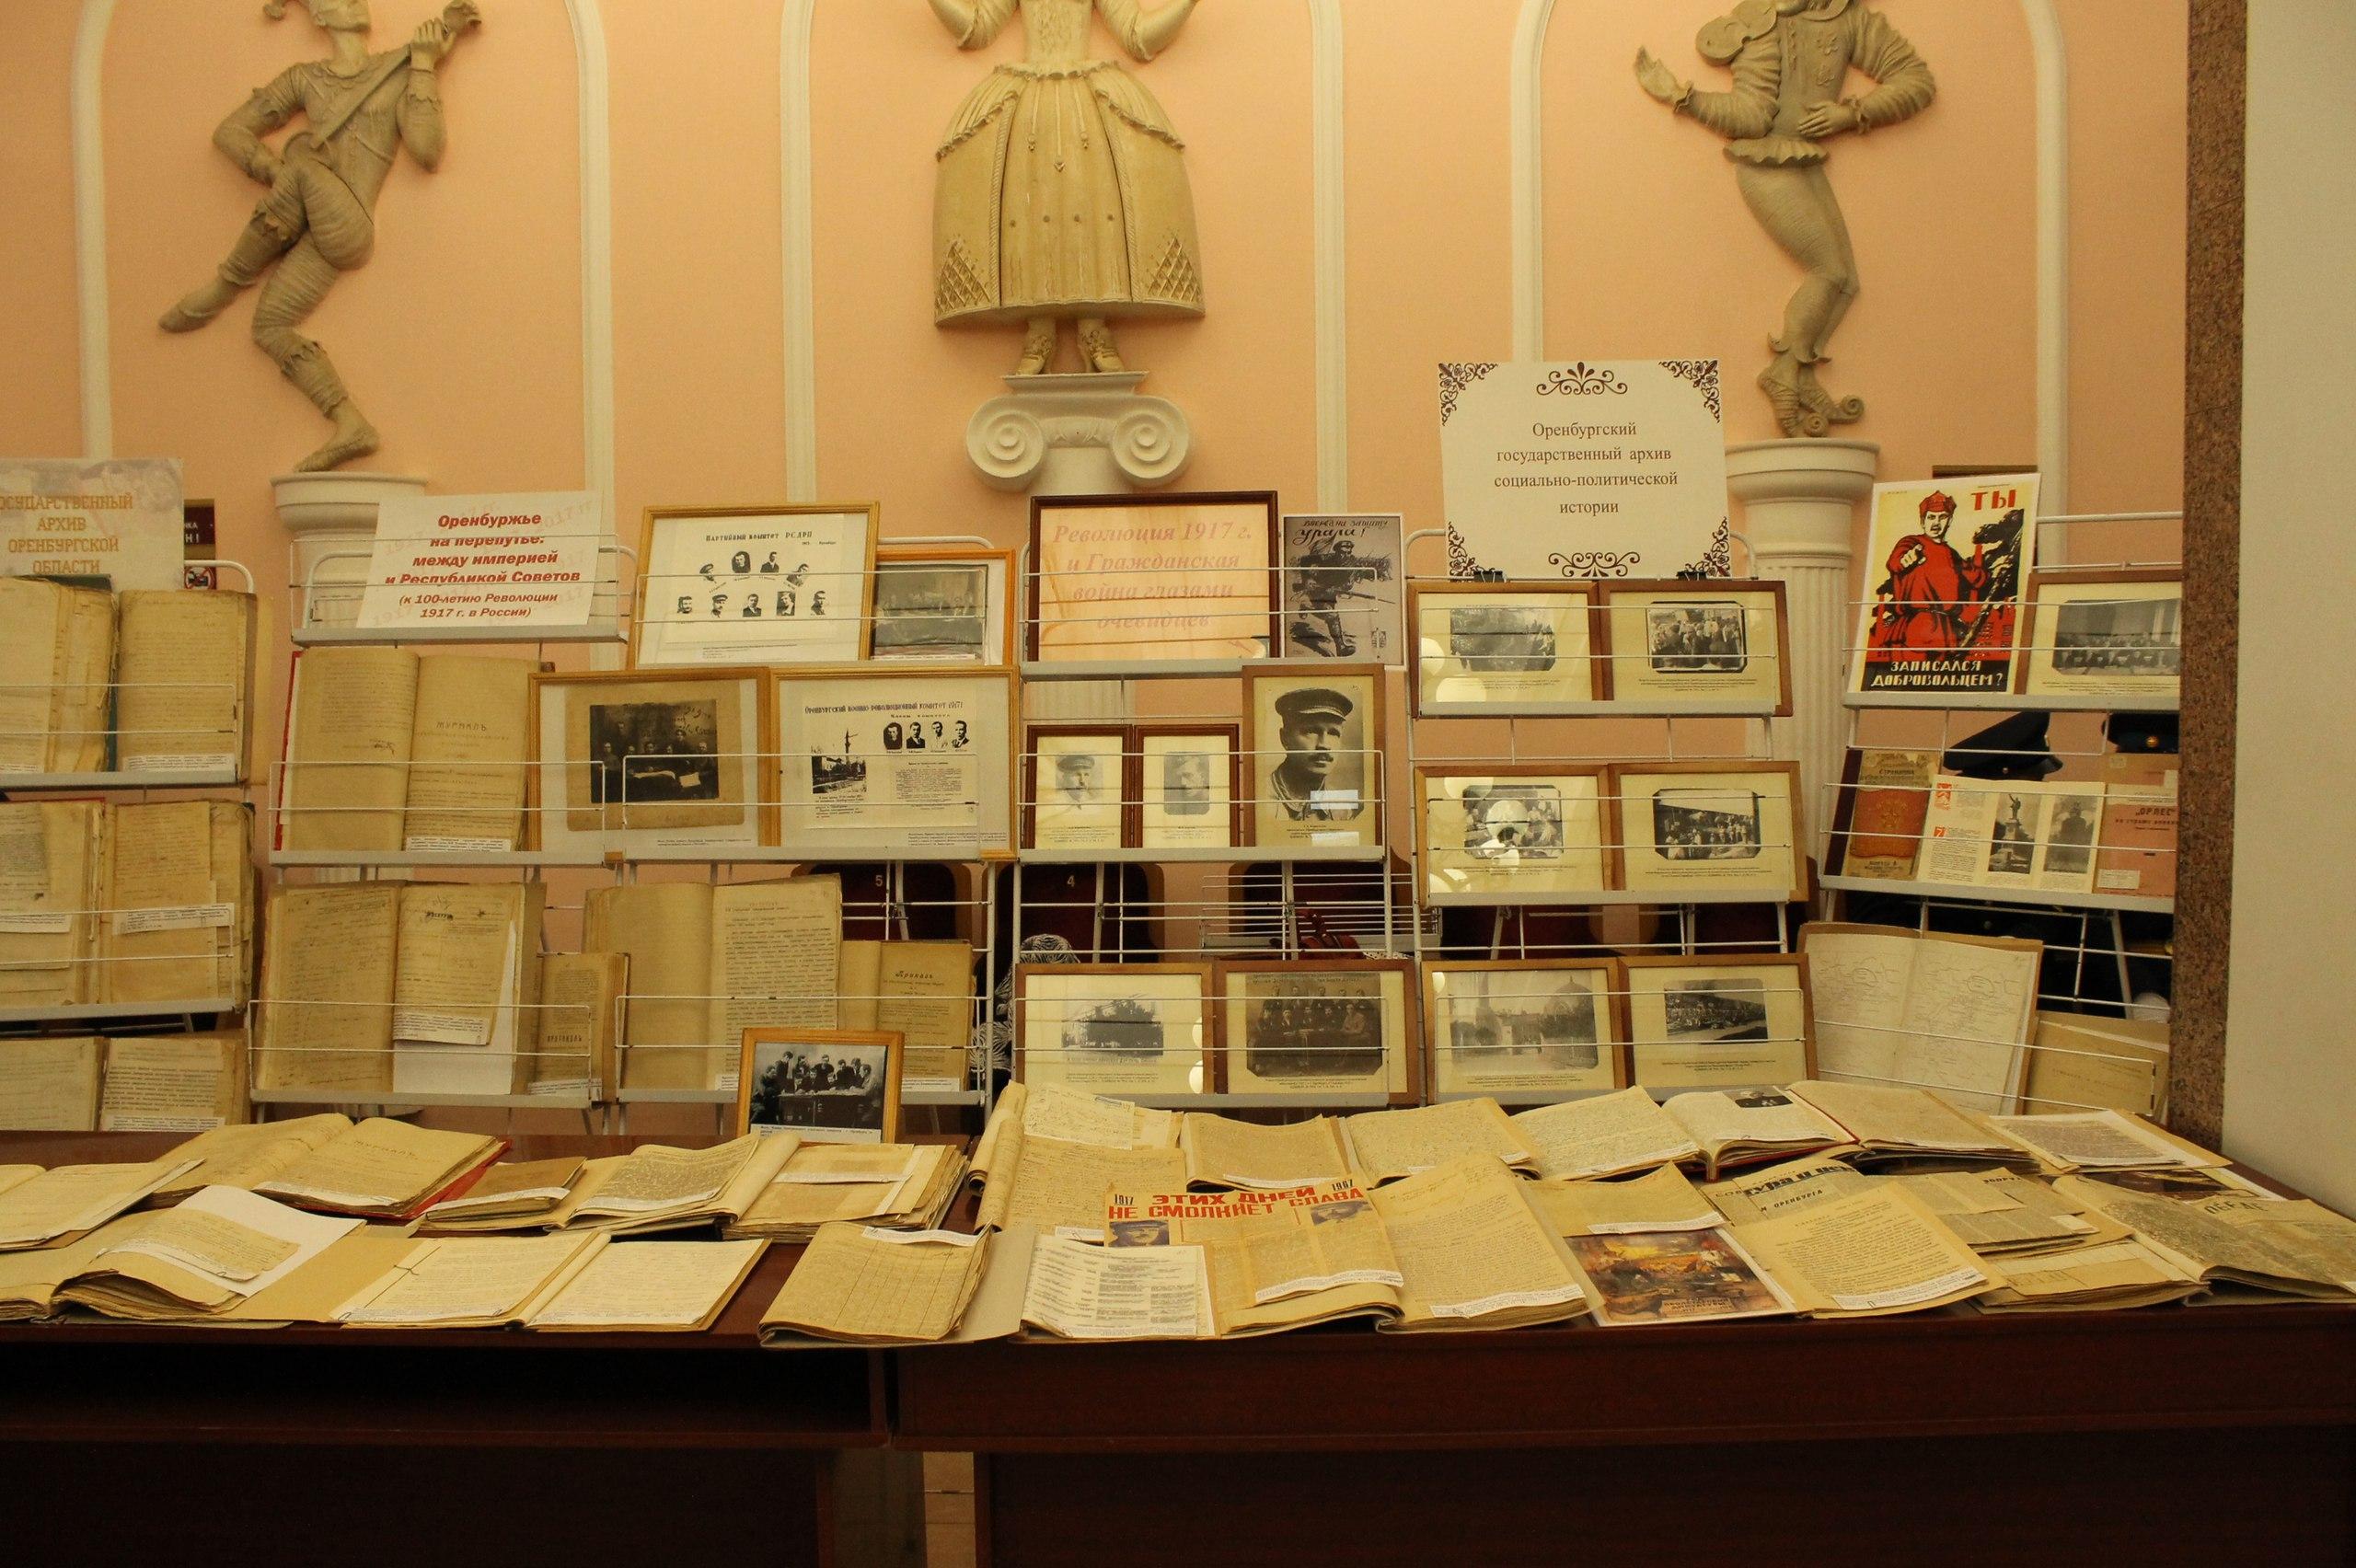 ob-eksponirovanii-vystavki-revolyutsiya-1917-g-i-grazhdanskaya-vojna-glazami-ochevidtsev-v-ramkakh-kontserta-posvyashchennogo-100-letiyu-revolyutsii-1917-g-v-rossii